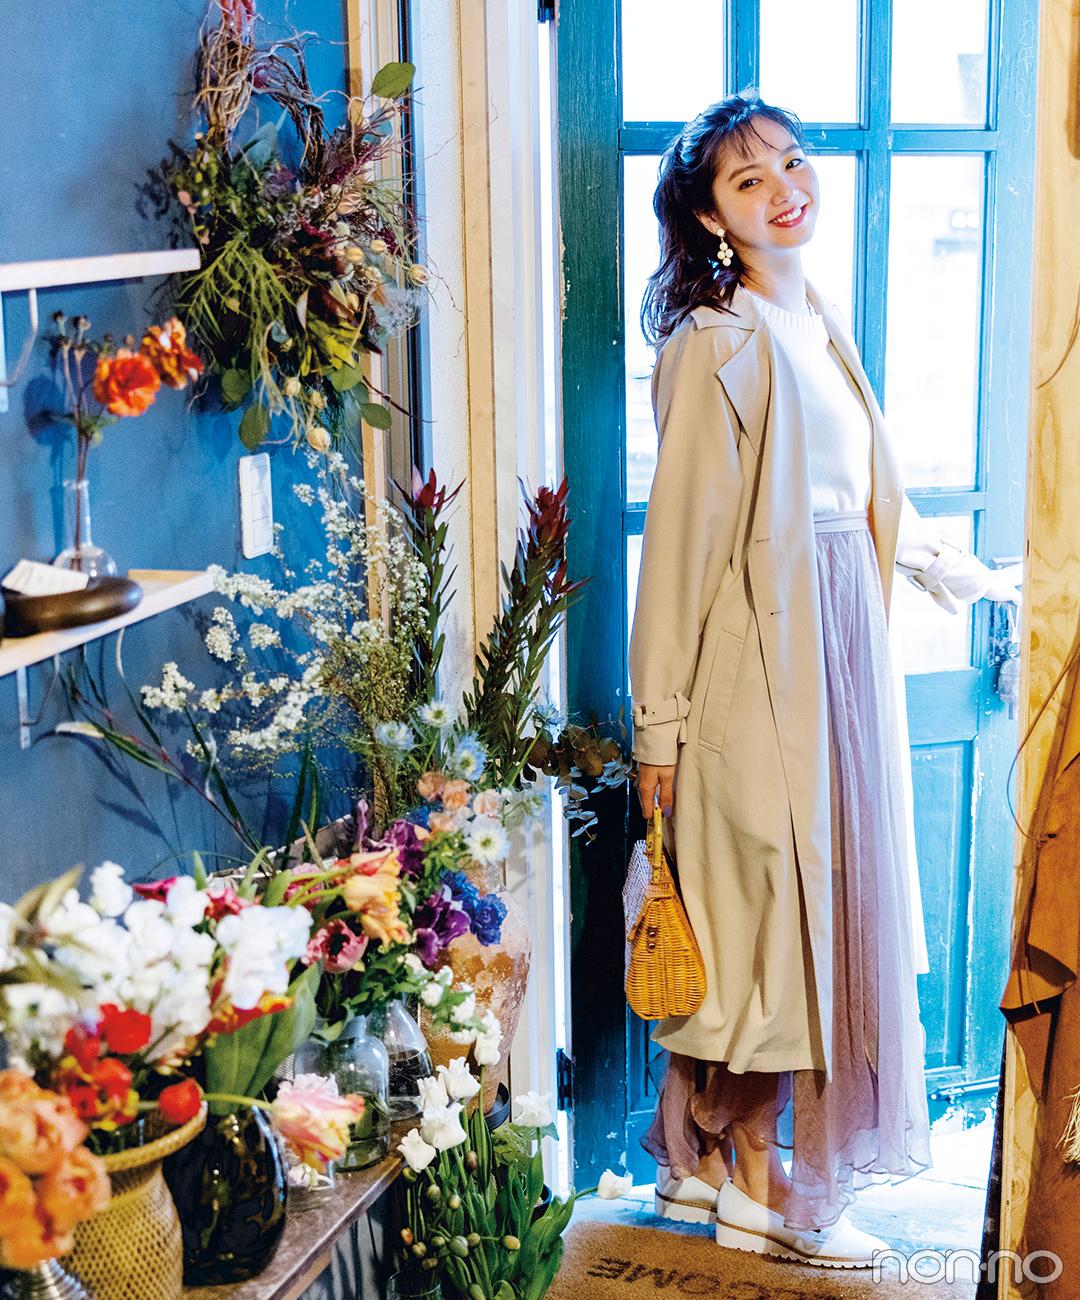 新川優愛はとろみトレンチコート&透けスカートで春フェミニンを満喫!【毎日コーデ】